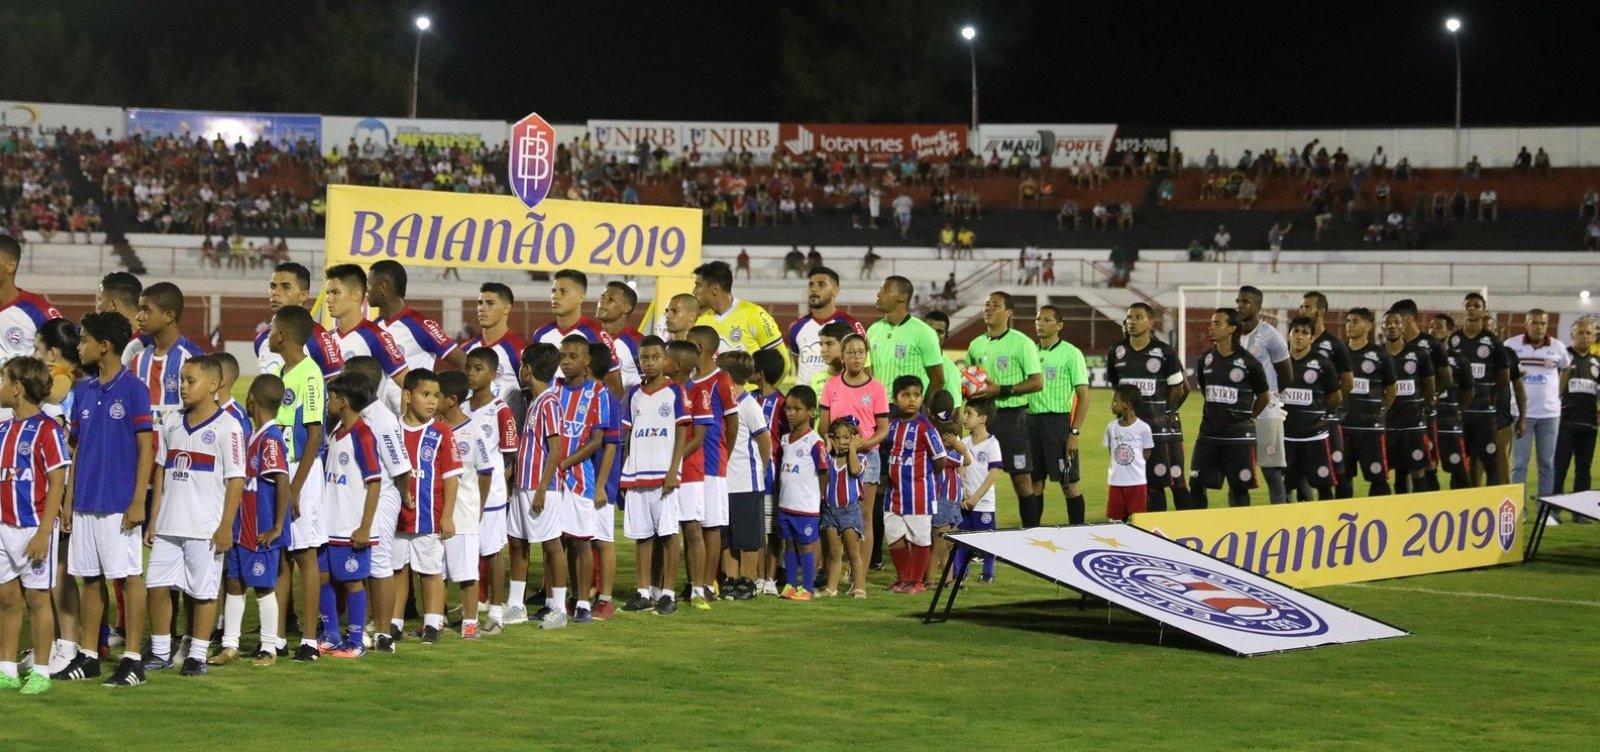 Bahia vai mandar jogos do Sub-23 em estádios do interior